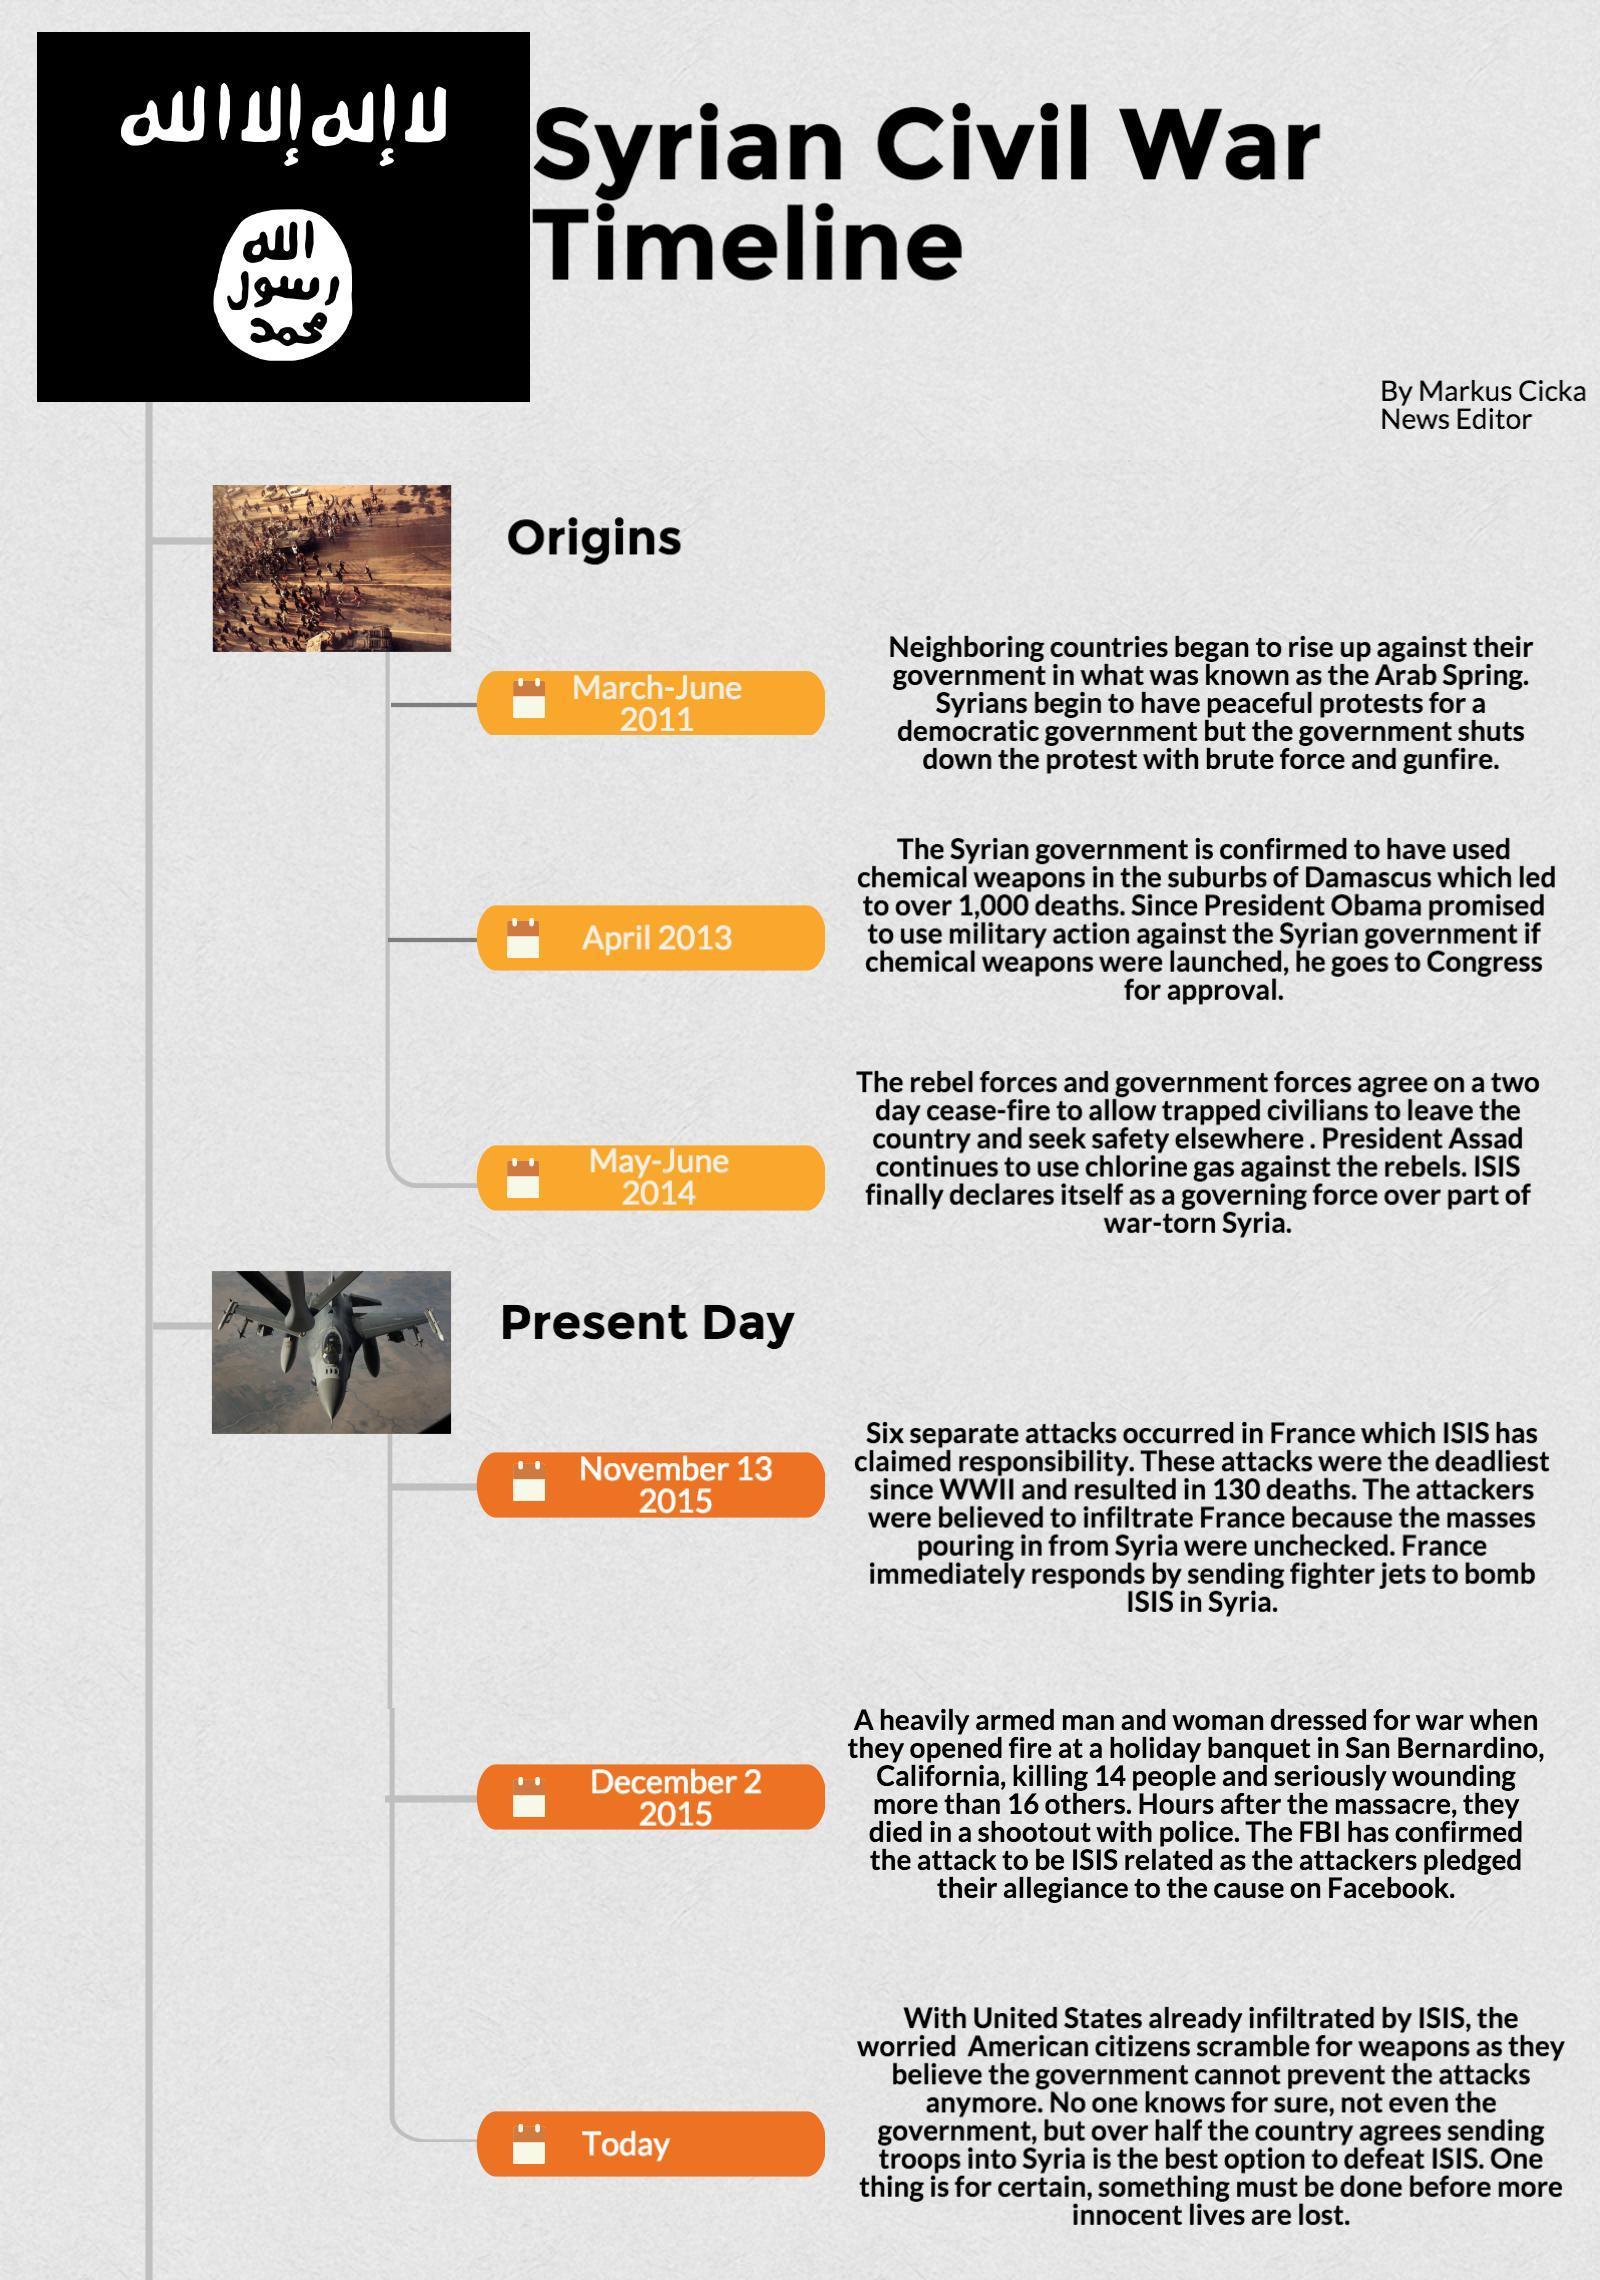 a historical timeline of the civil war Spanish civil war timeline - download as pdf file (pdf), text file (txt) or read online spanish civil war timeline :.